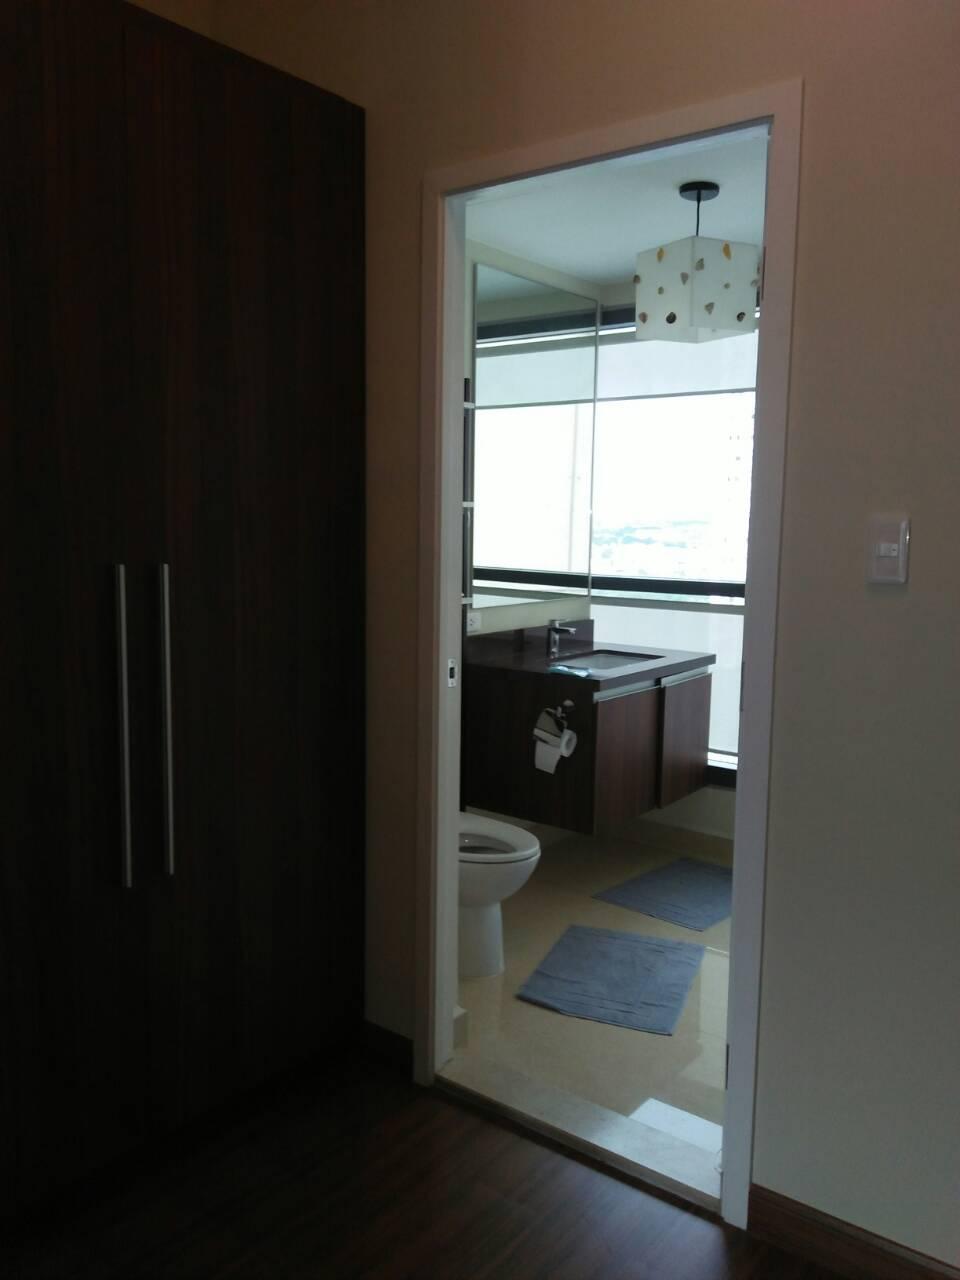 2 Bedrooms Condo, Shang Salcedo Place Bathroom View 4